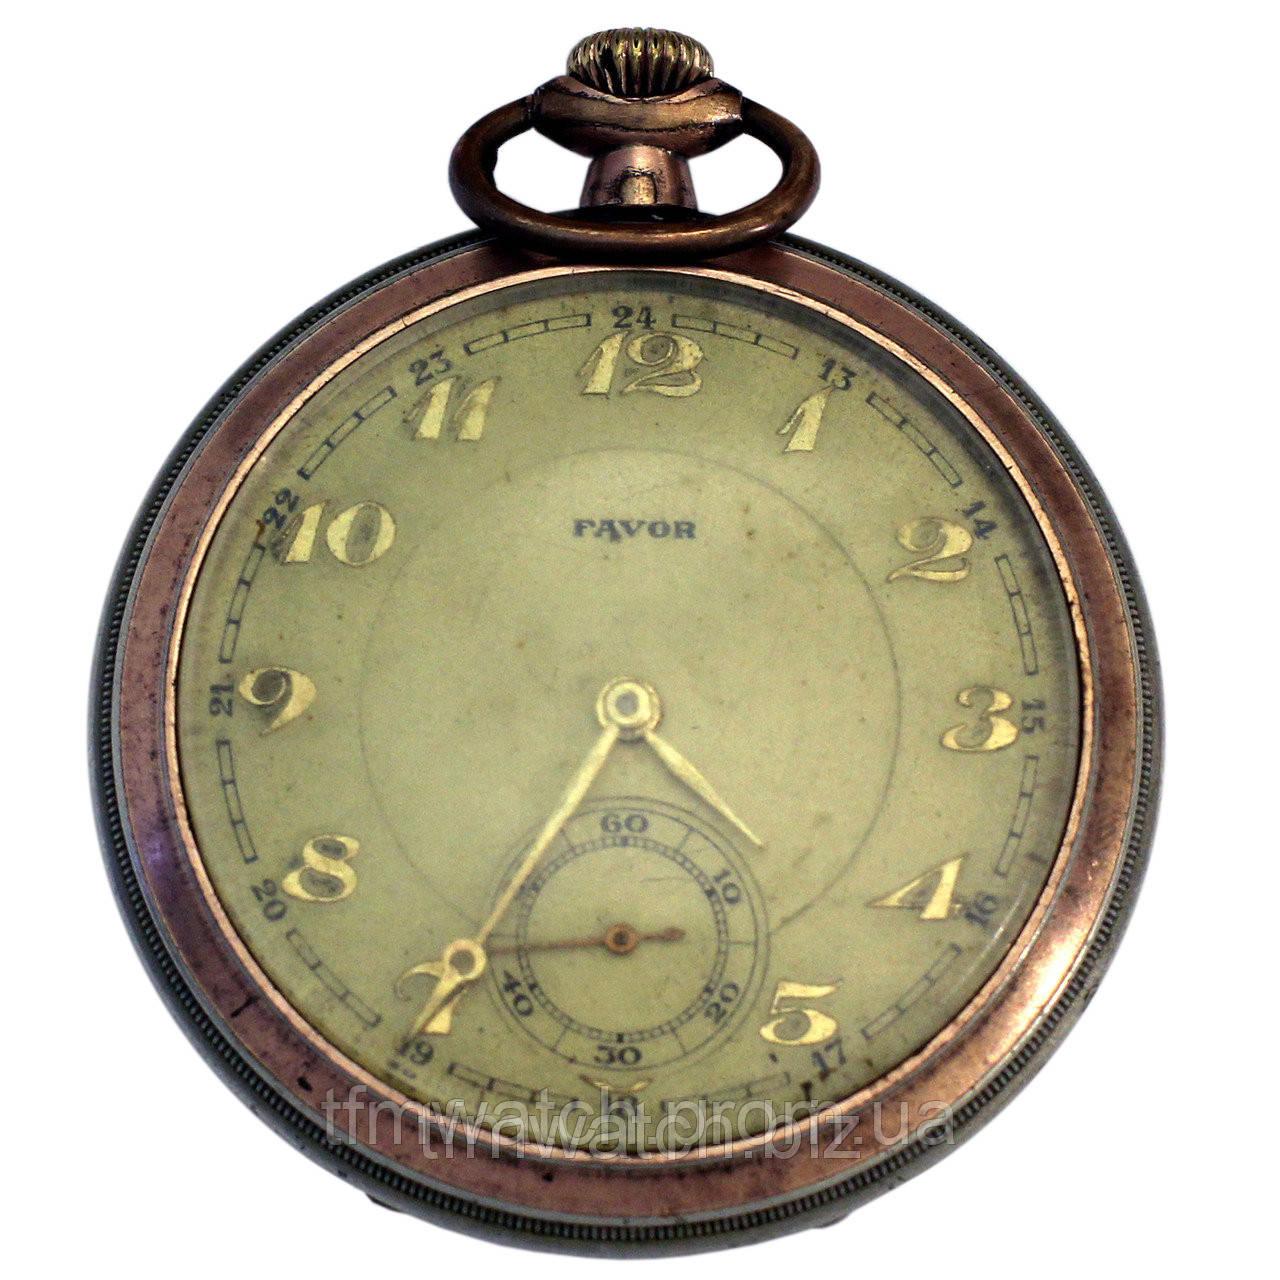 Часы продать цены антикварные московской ломбарды часов спб на